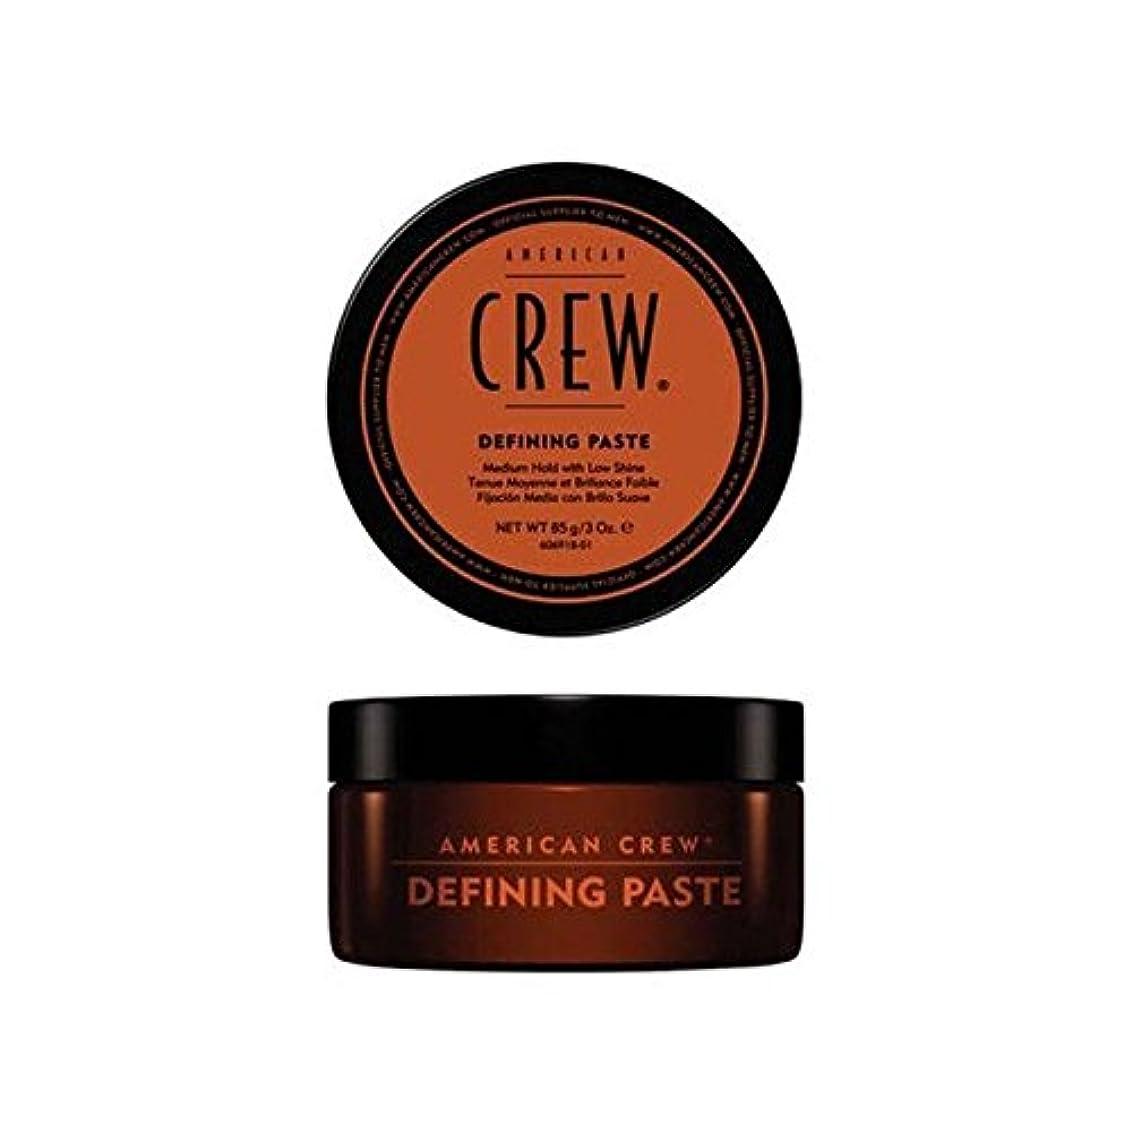 白菜代理店繰り返しアメリカの乗組員の定義ペースト(85グラム) x2 - American Crew Defining Paste (85G) (Pack of 2) [並行輸入品]